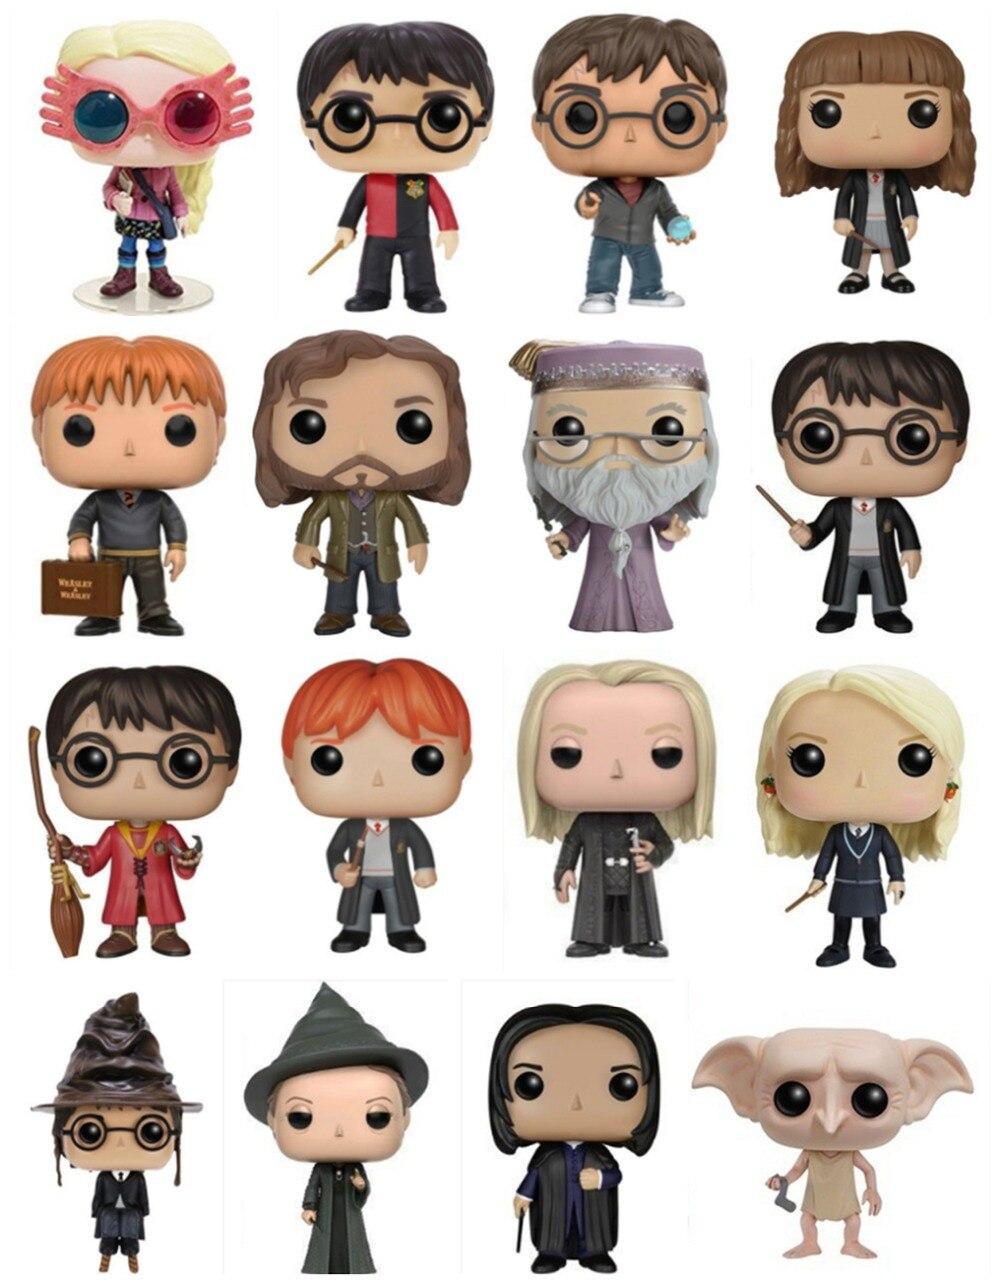 Funko pop Offizielle Potter Snape Rubeus Luna Dobby DUMBLEDORE RON WEASLEY Action Figur Figur Pop Sammeln Modell Spielzeug